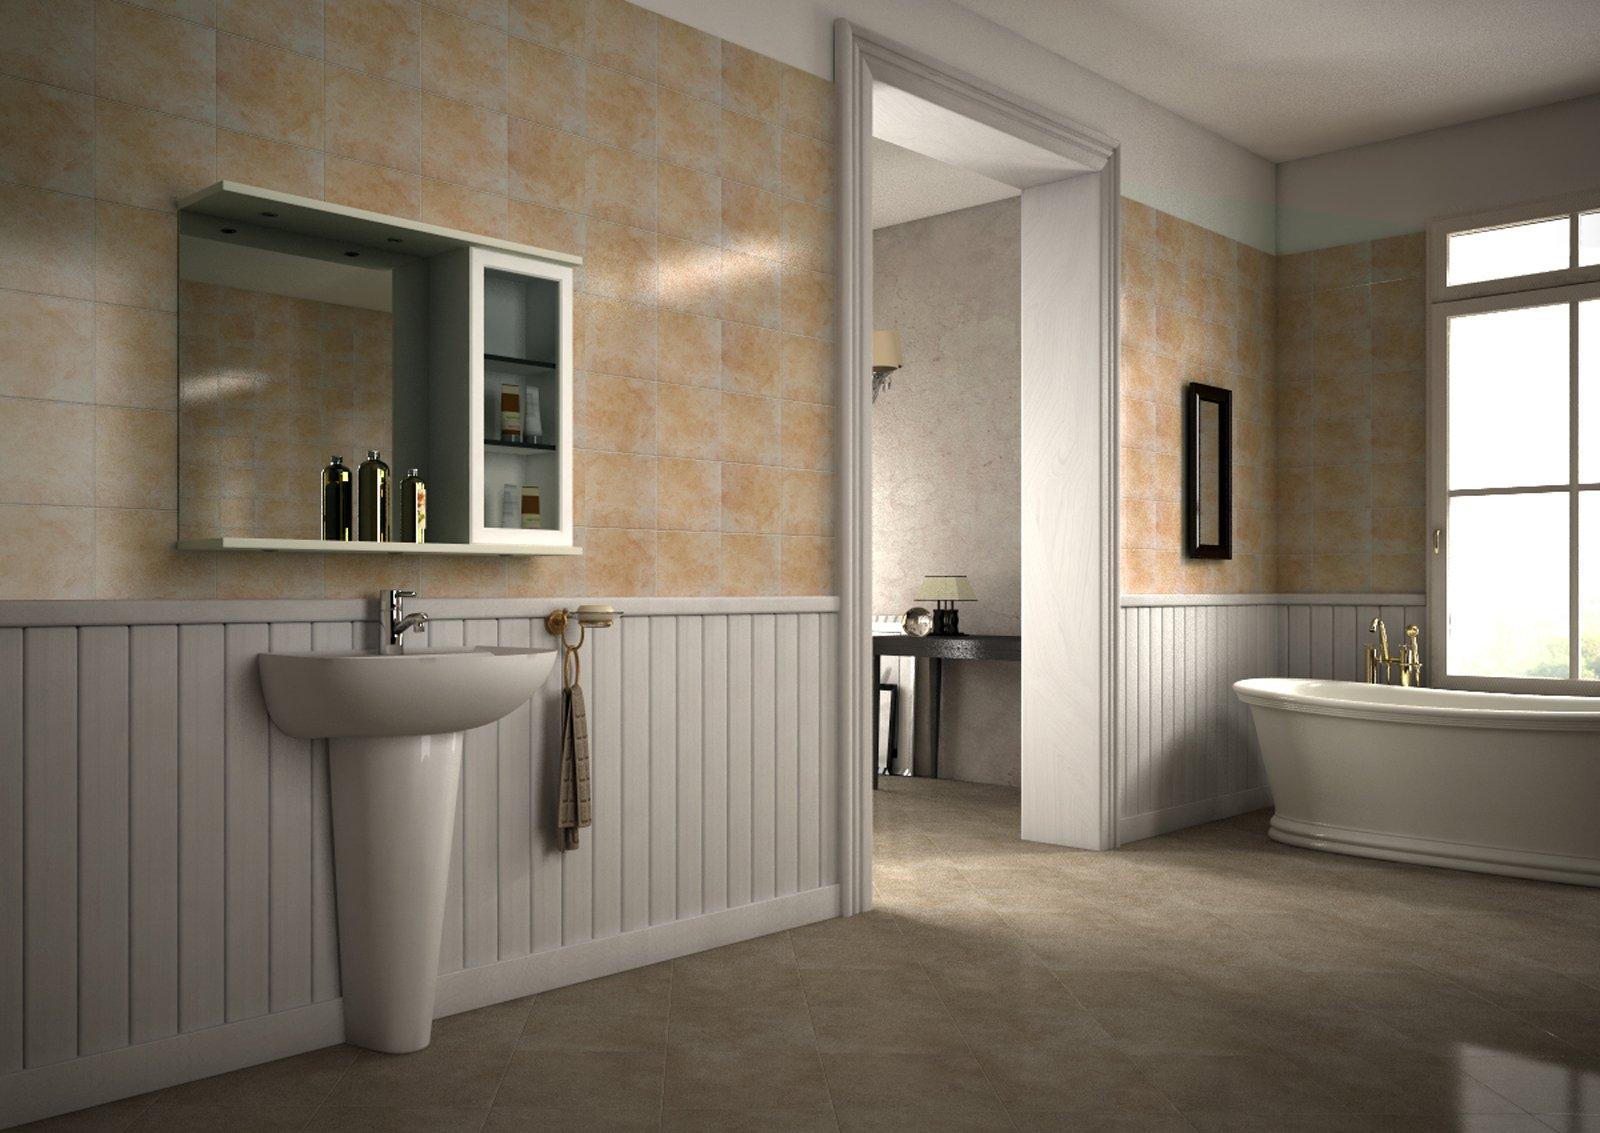 Rinnovare il bagno senza togliere le piastrelle - Rivestimenti piastrelle bagno ...